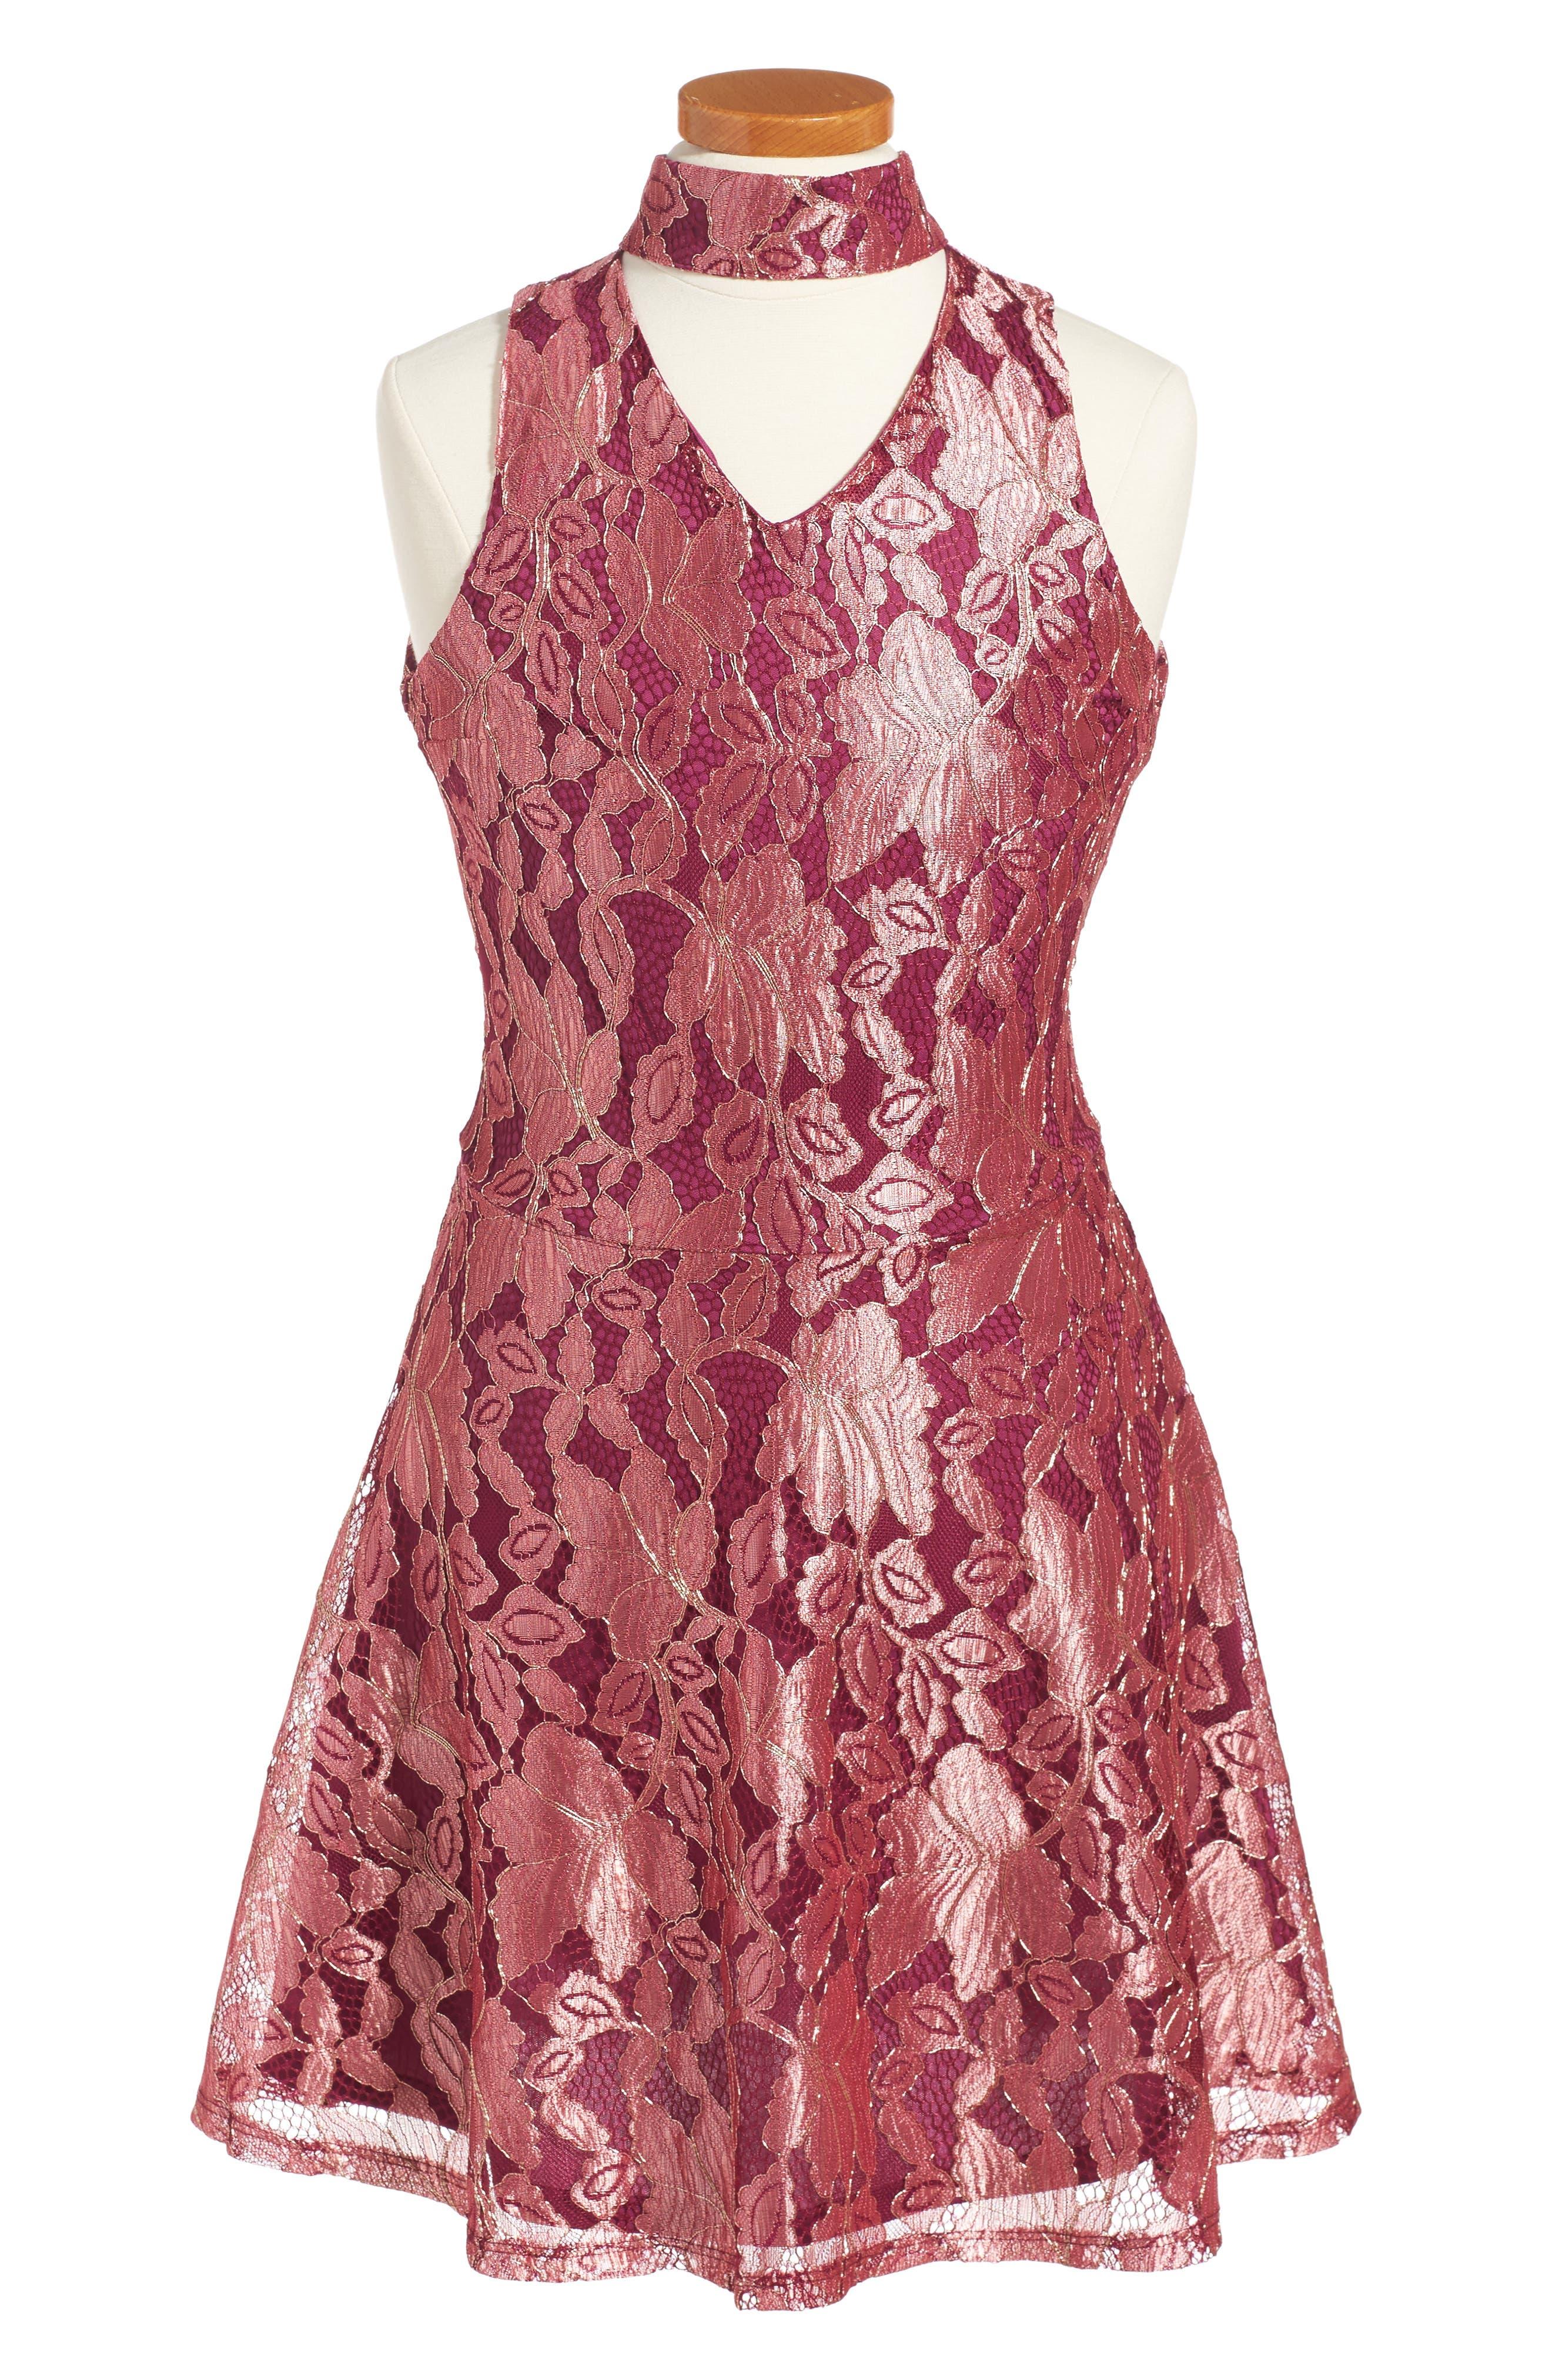 Penelope Tree Ariana Lace Dress (Big Girls)